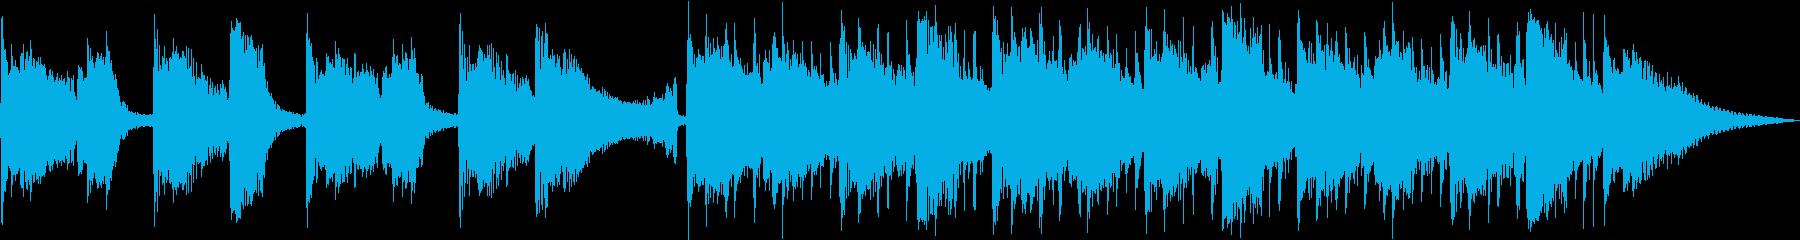 クールなアコギ30秒動画の再生済みの波形